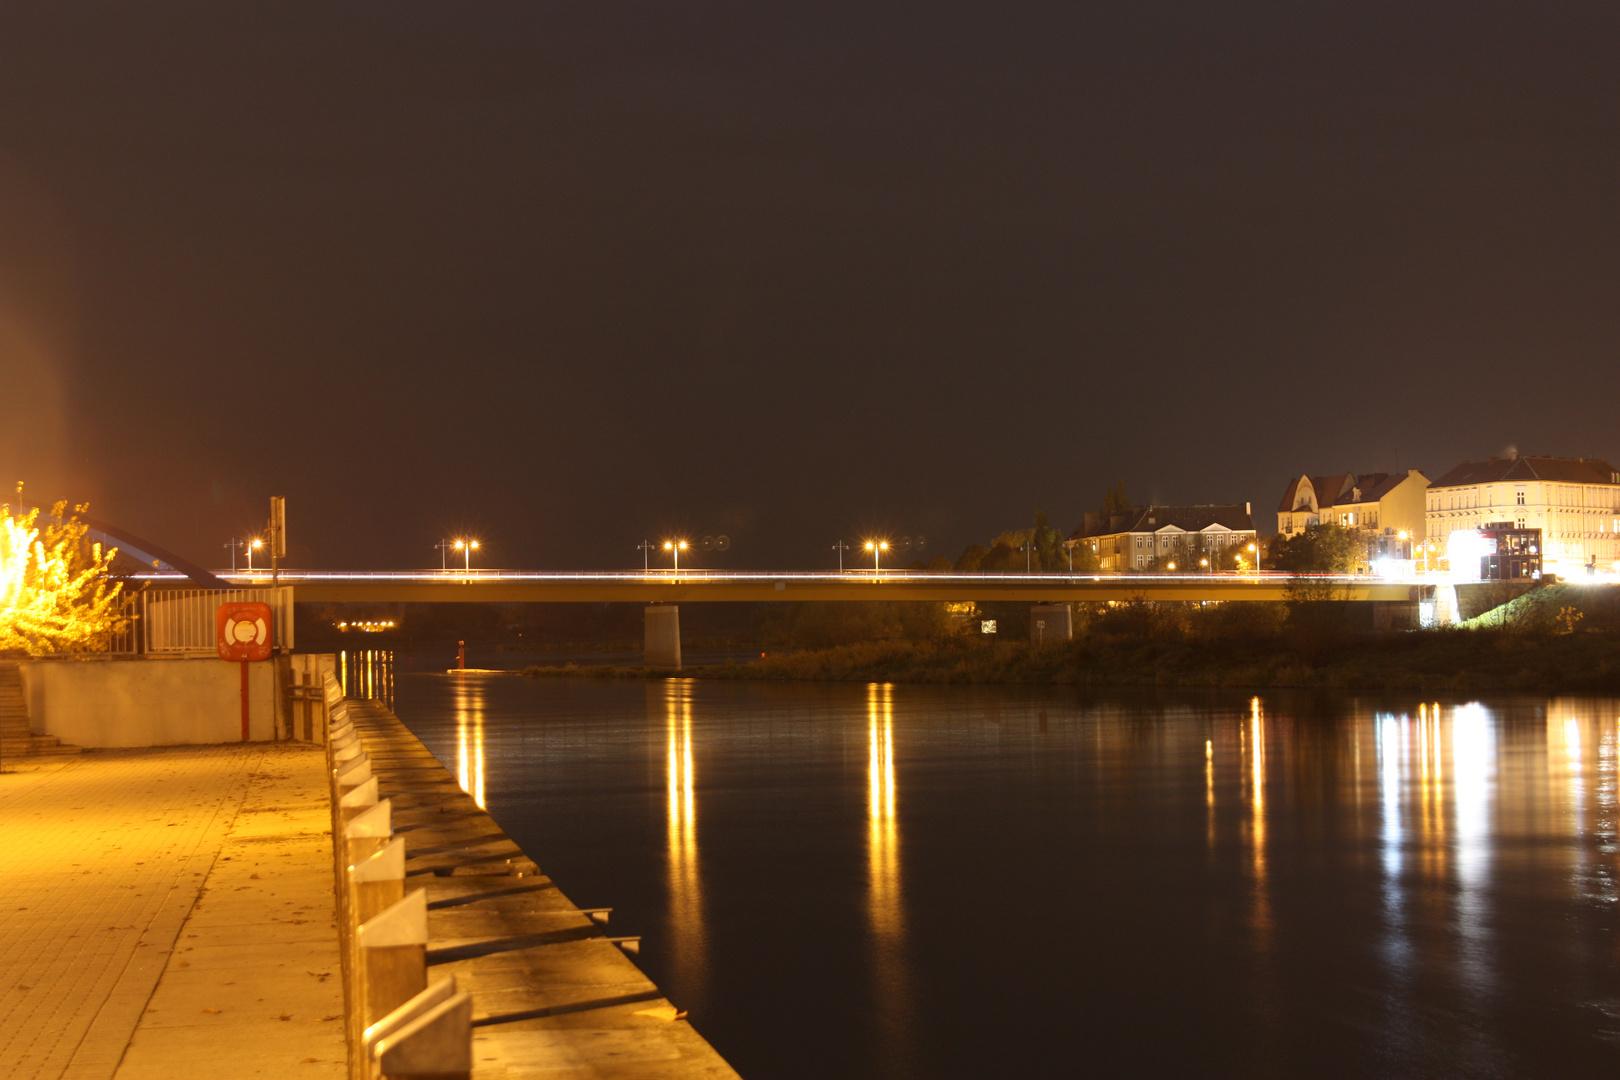 Oderbrücke Slubfurt